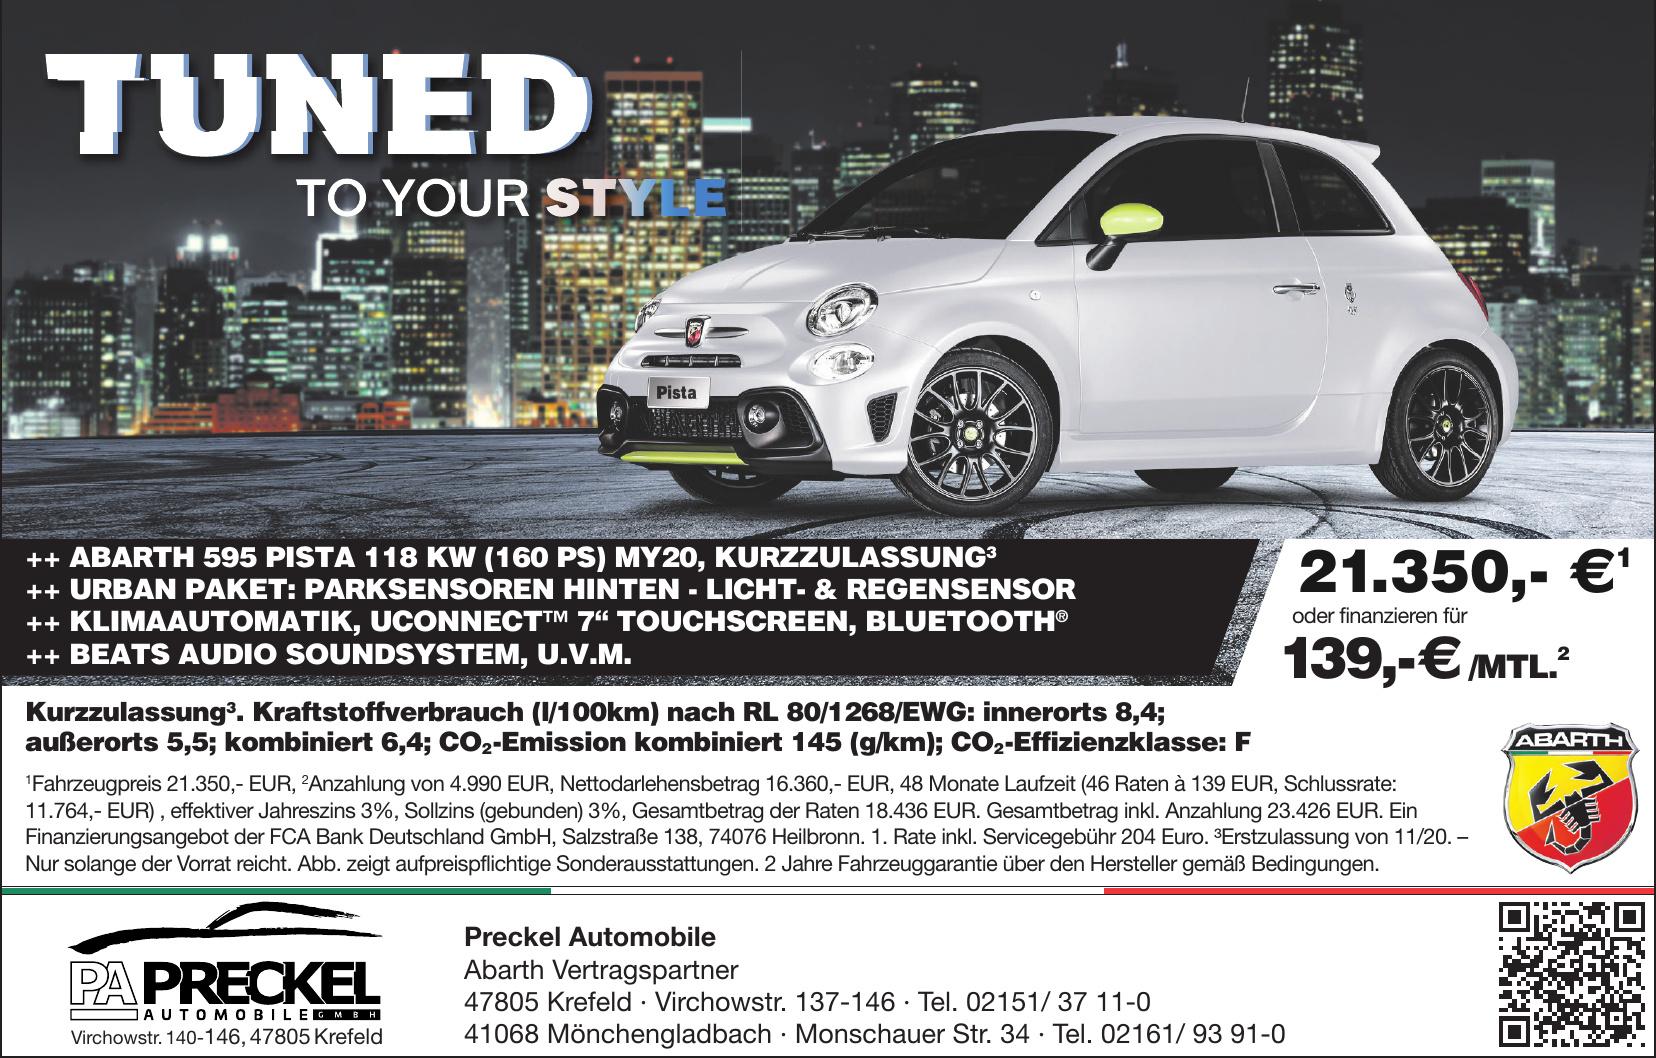 Preckel Automobile